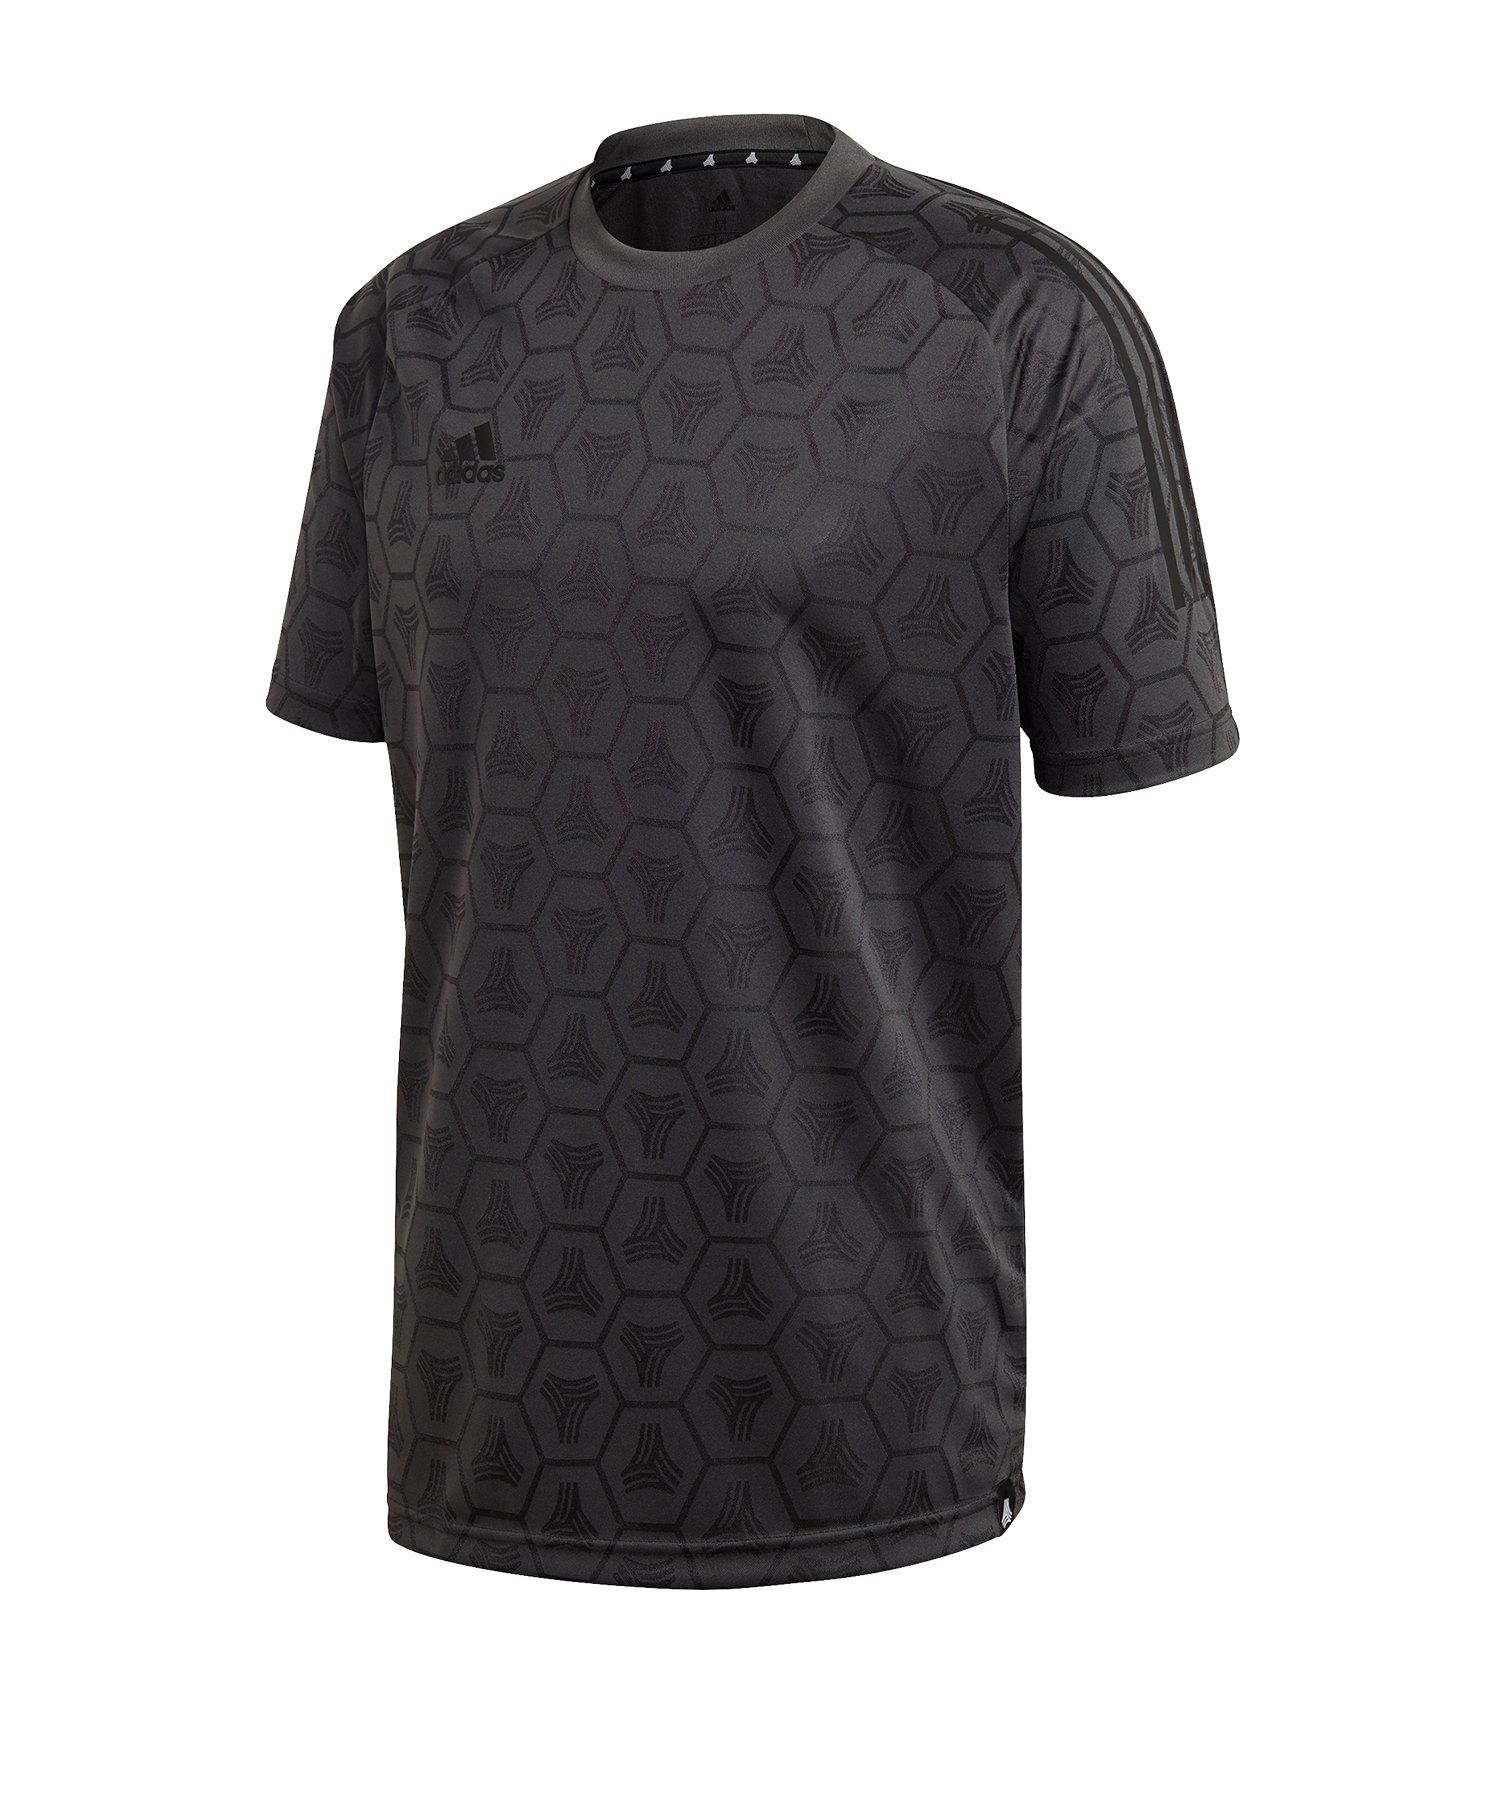 adidas Tango JQD Shirt kurzarm Grau - grau